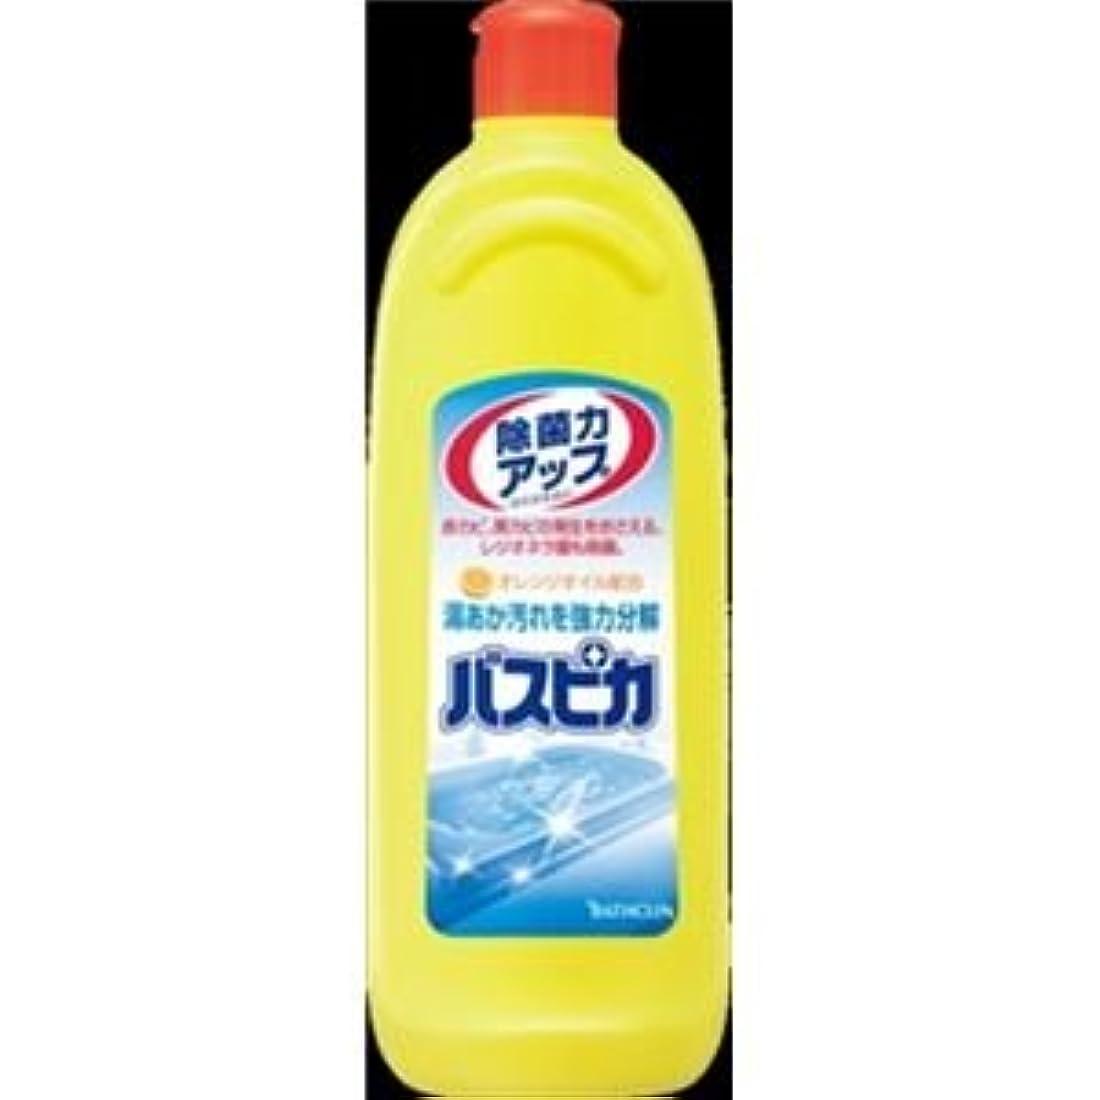 攻撃的騒々しい年金(まとめ)バスクリン バスピカ ヤシ油 【×5点セット】